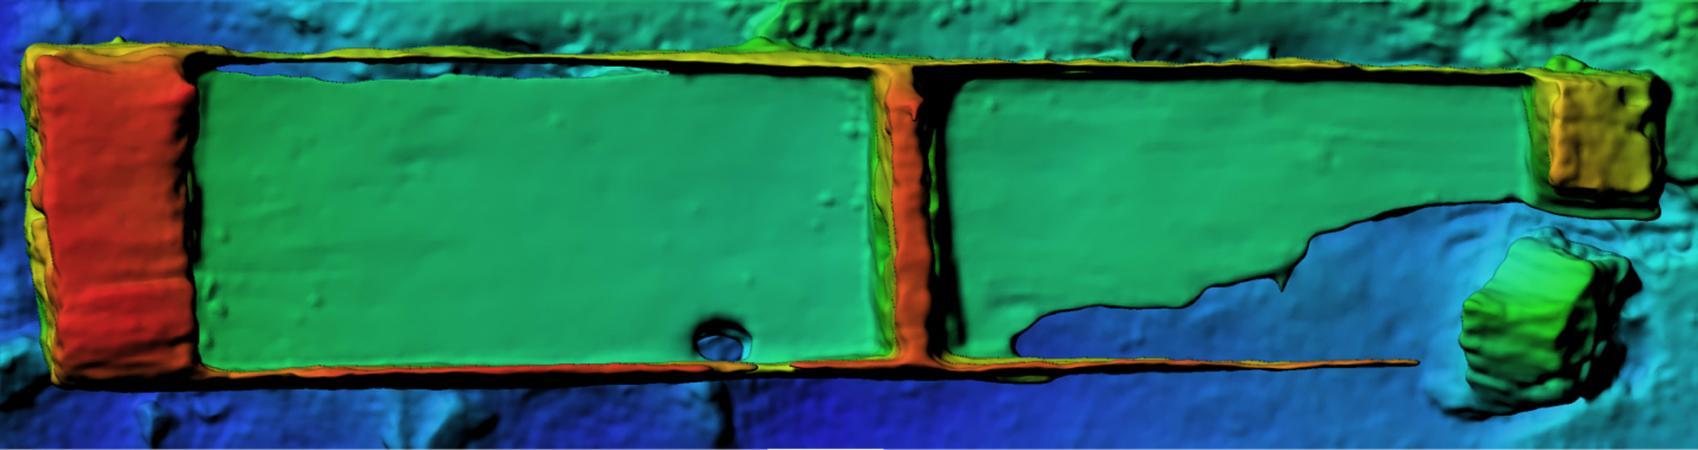 3D-Modell des Einbaums im Attersee mit Farbfilter, der die unterschiedlichen Höhen in der Ansicht von oben erkennen lässt. (Bild: R. Weßling - crazy eye)